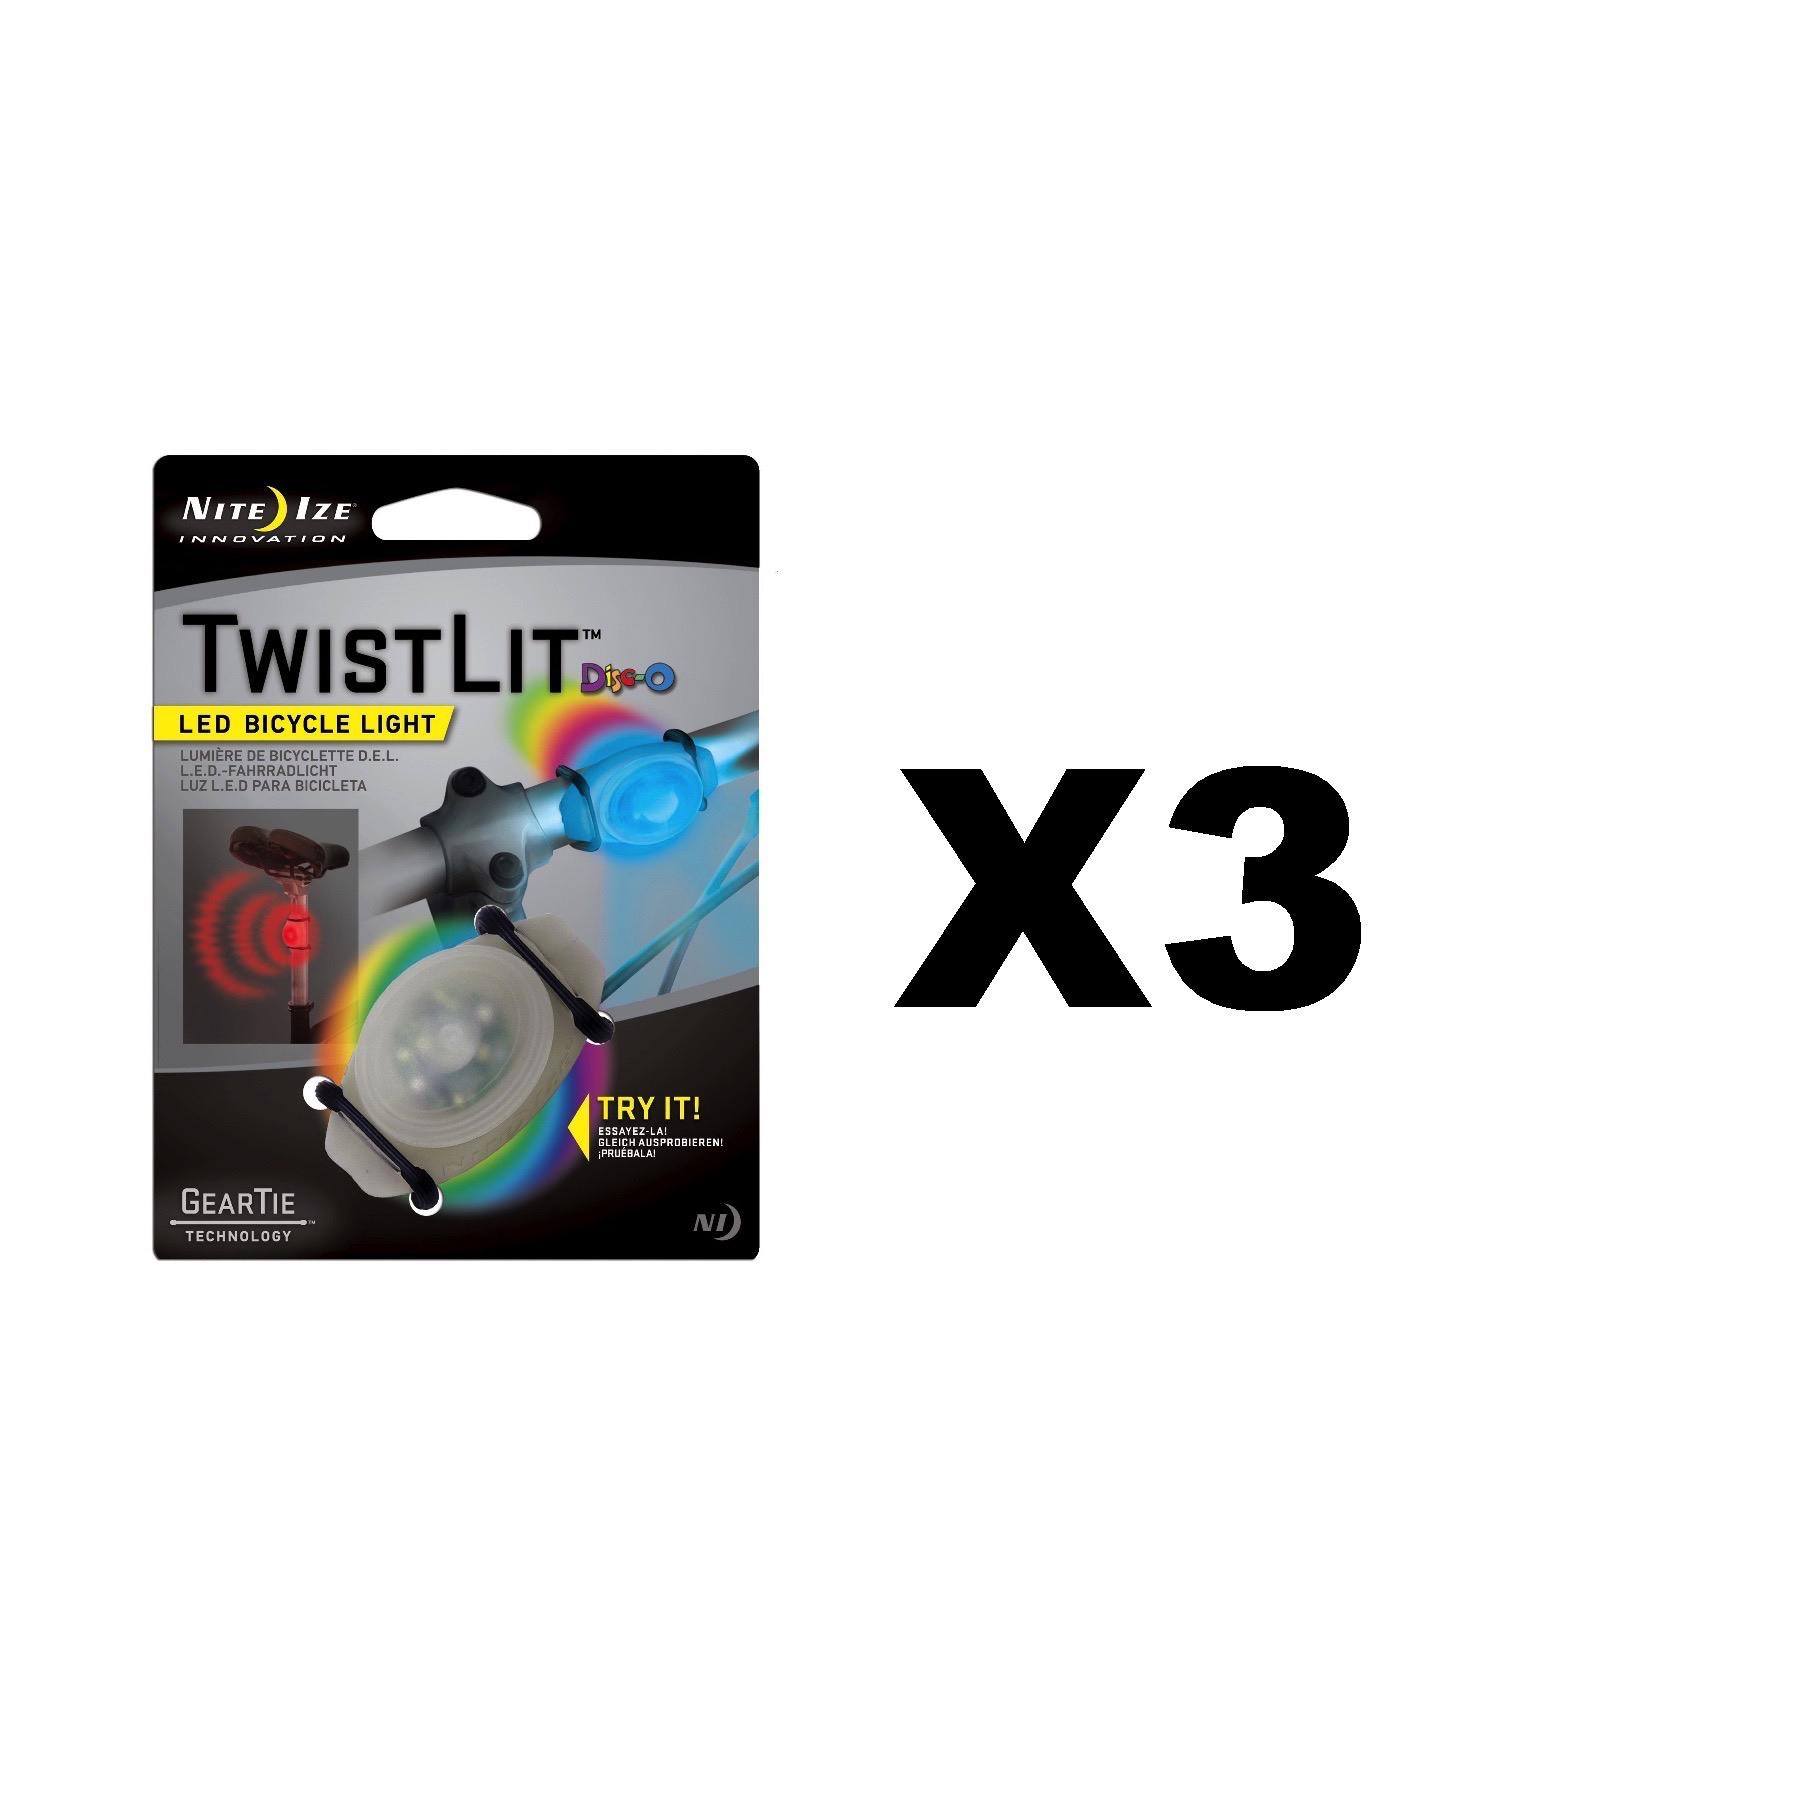 Nite Ize TwistLit LED Bike Light Disco Bicycle Safety Glow /& Flash Modes 3-Pack